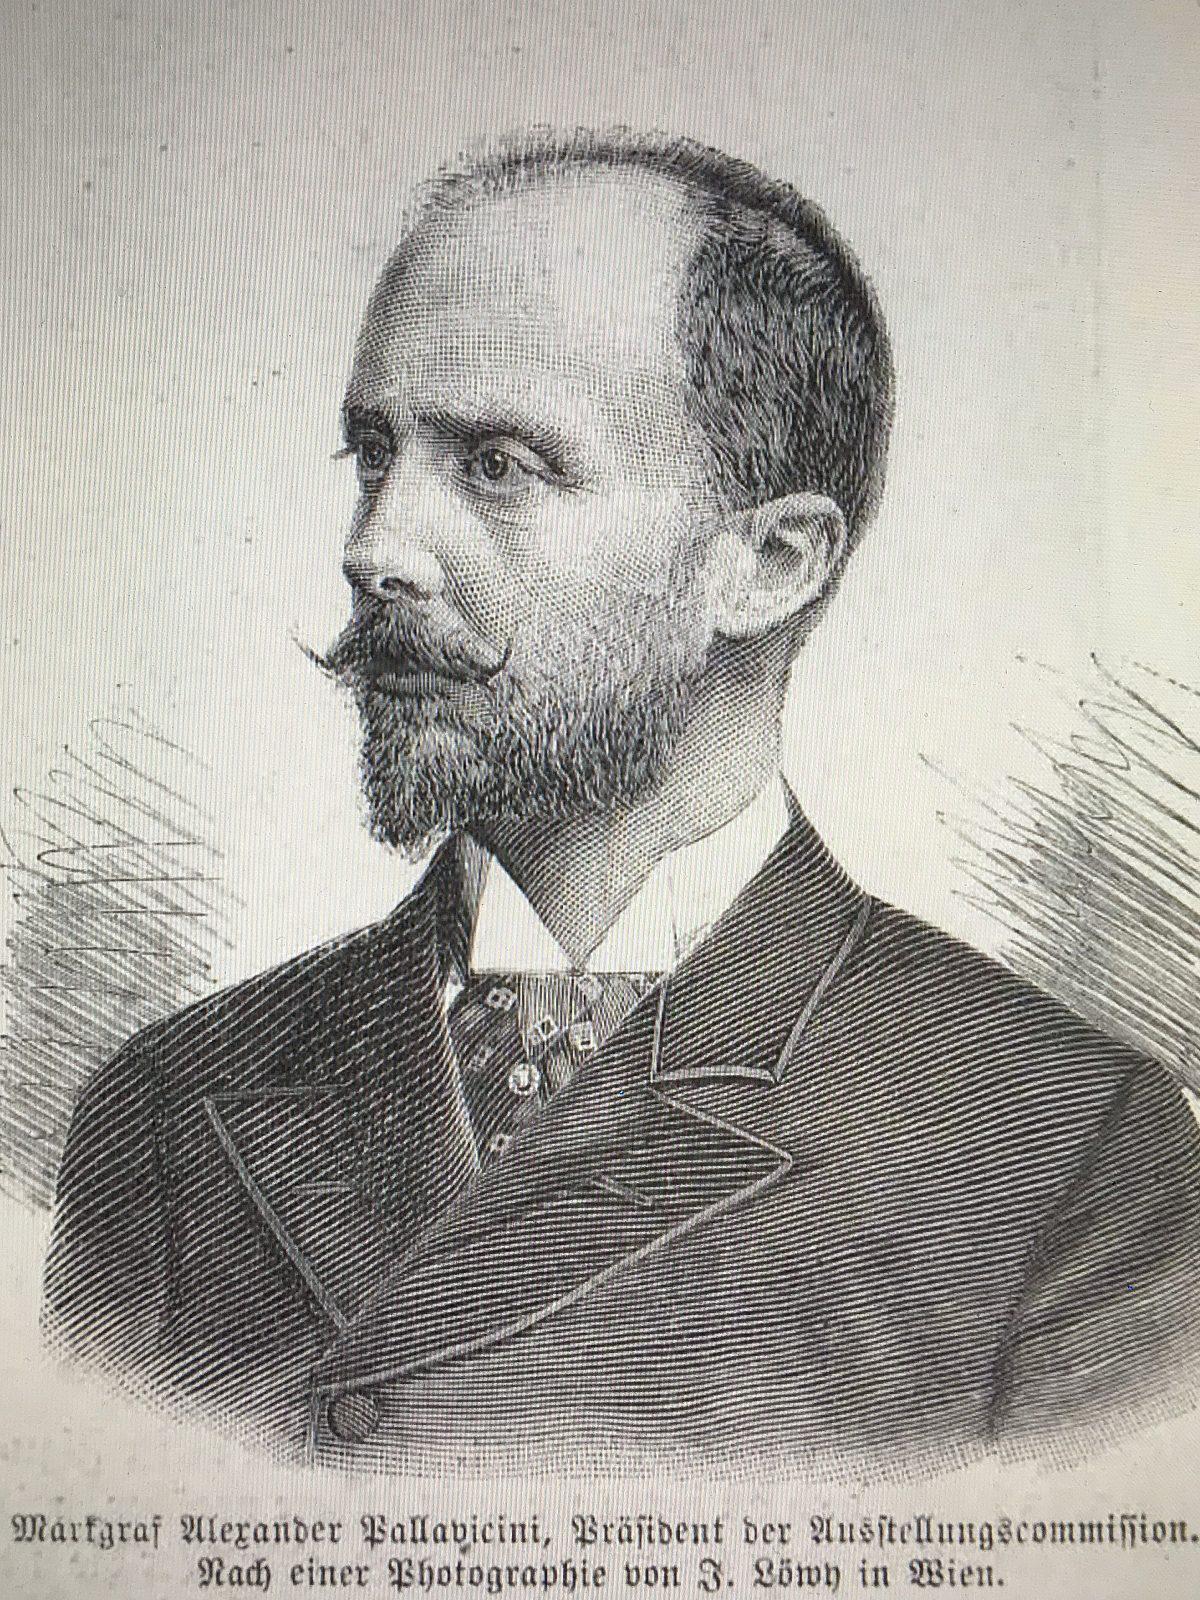 Markgraf Alexander Pallavicini